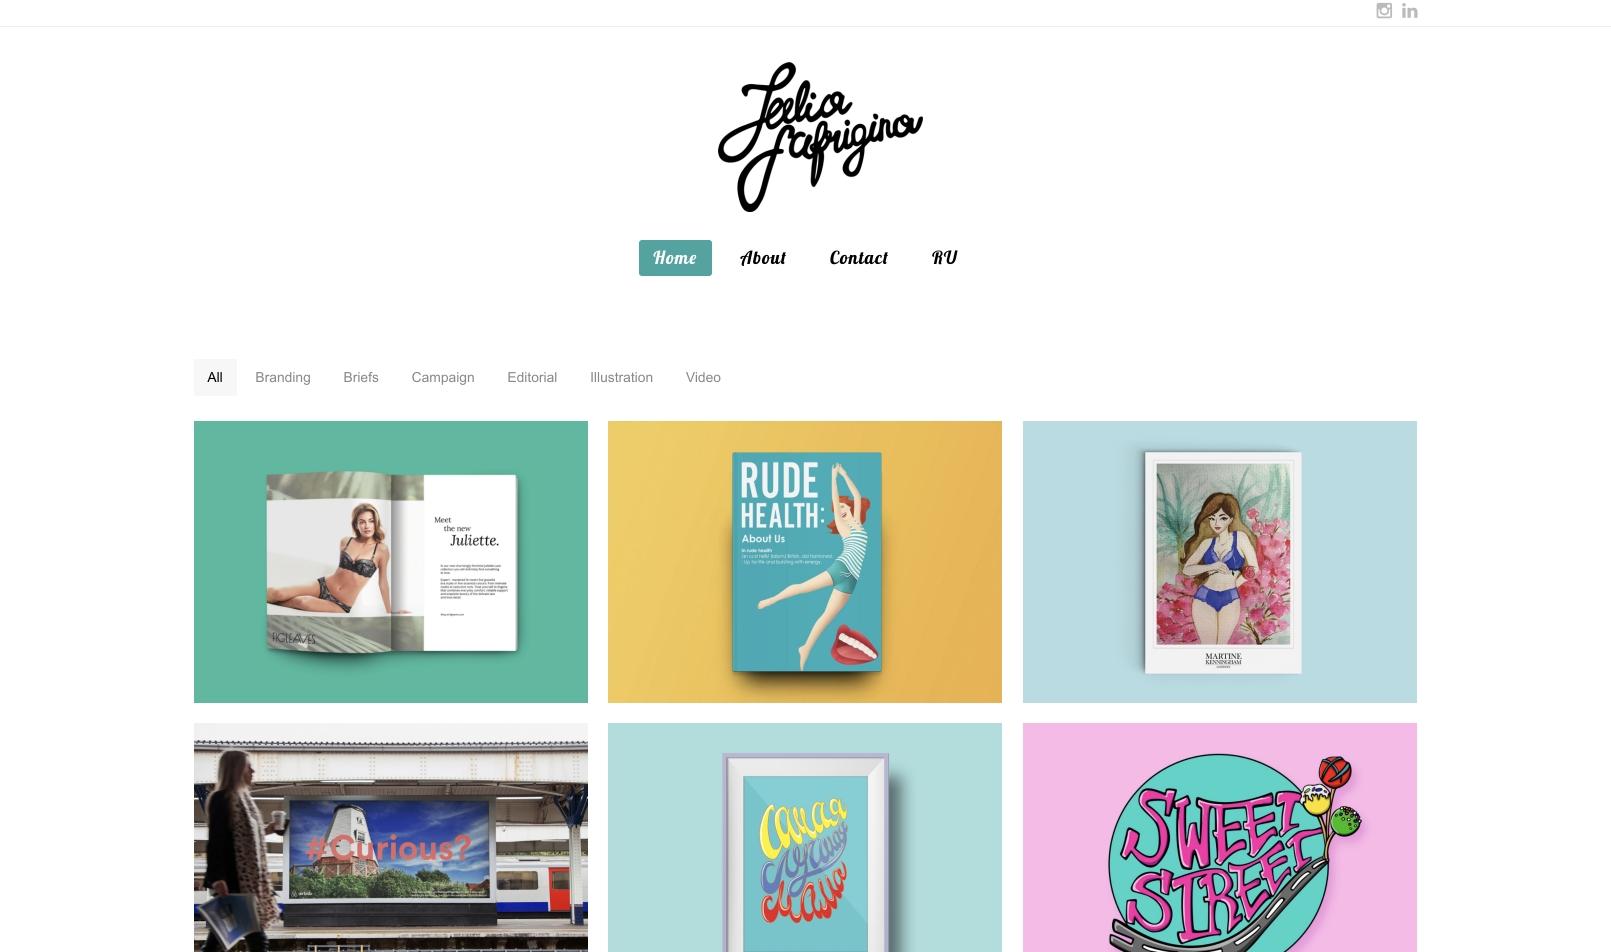 Разработка сайта для графического дизайнера Юлии Сафрыгиной